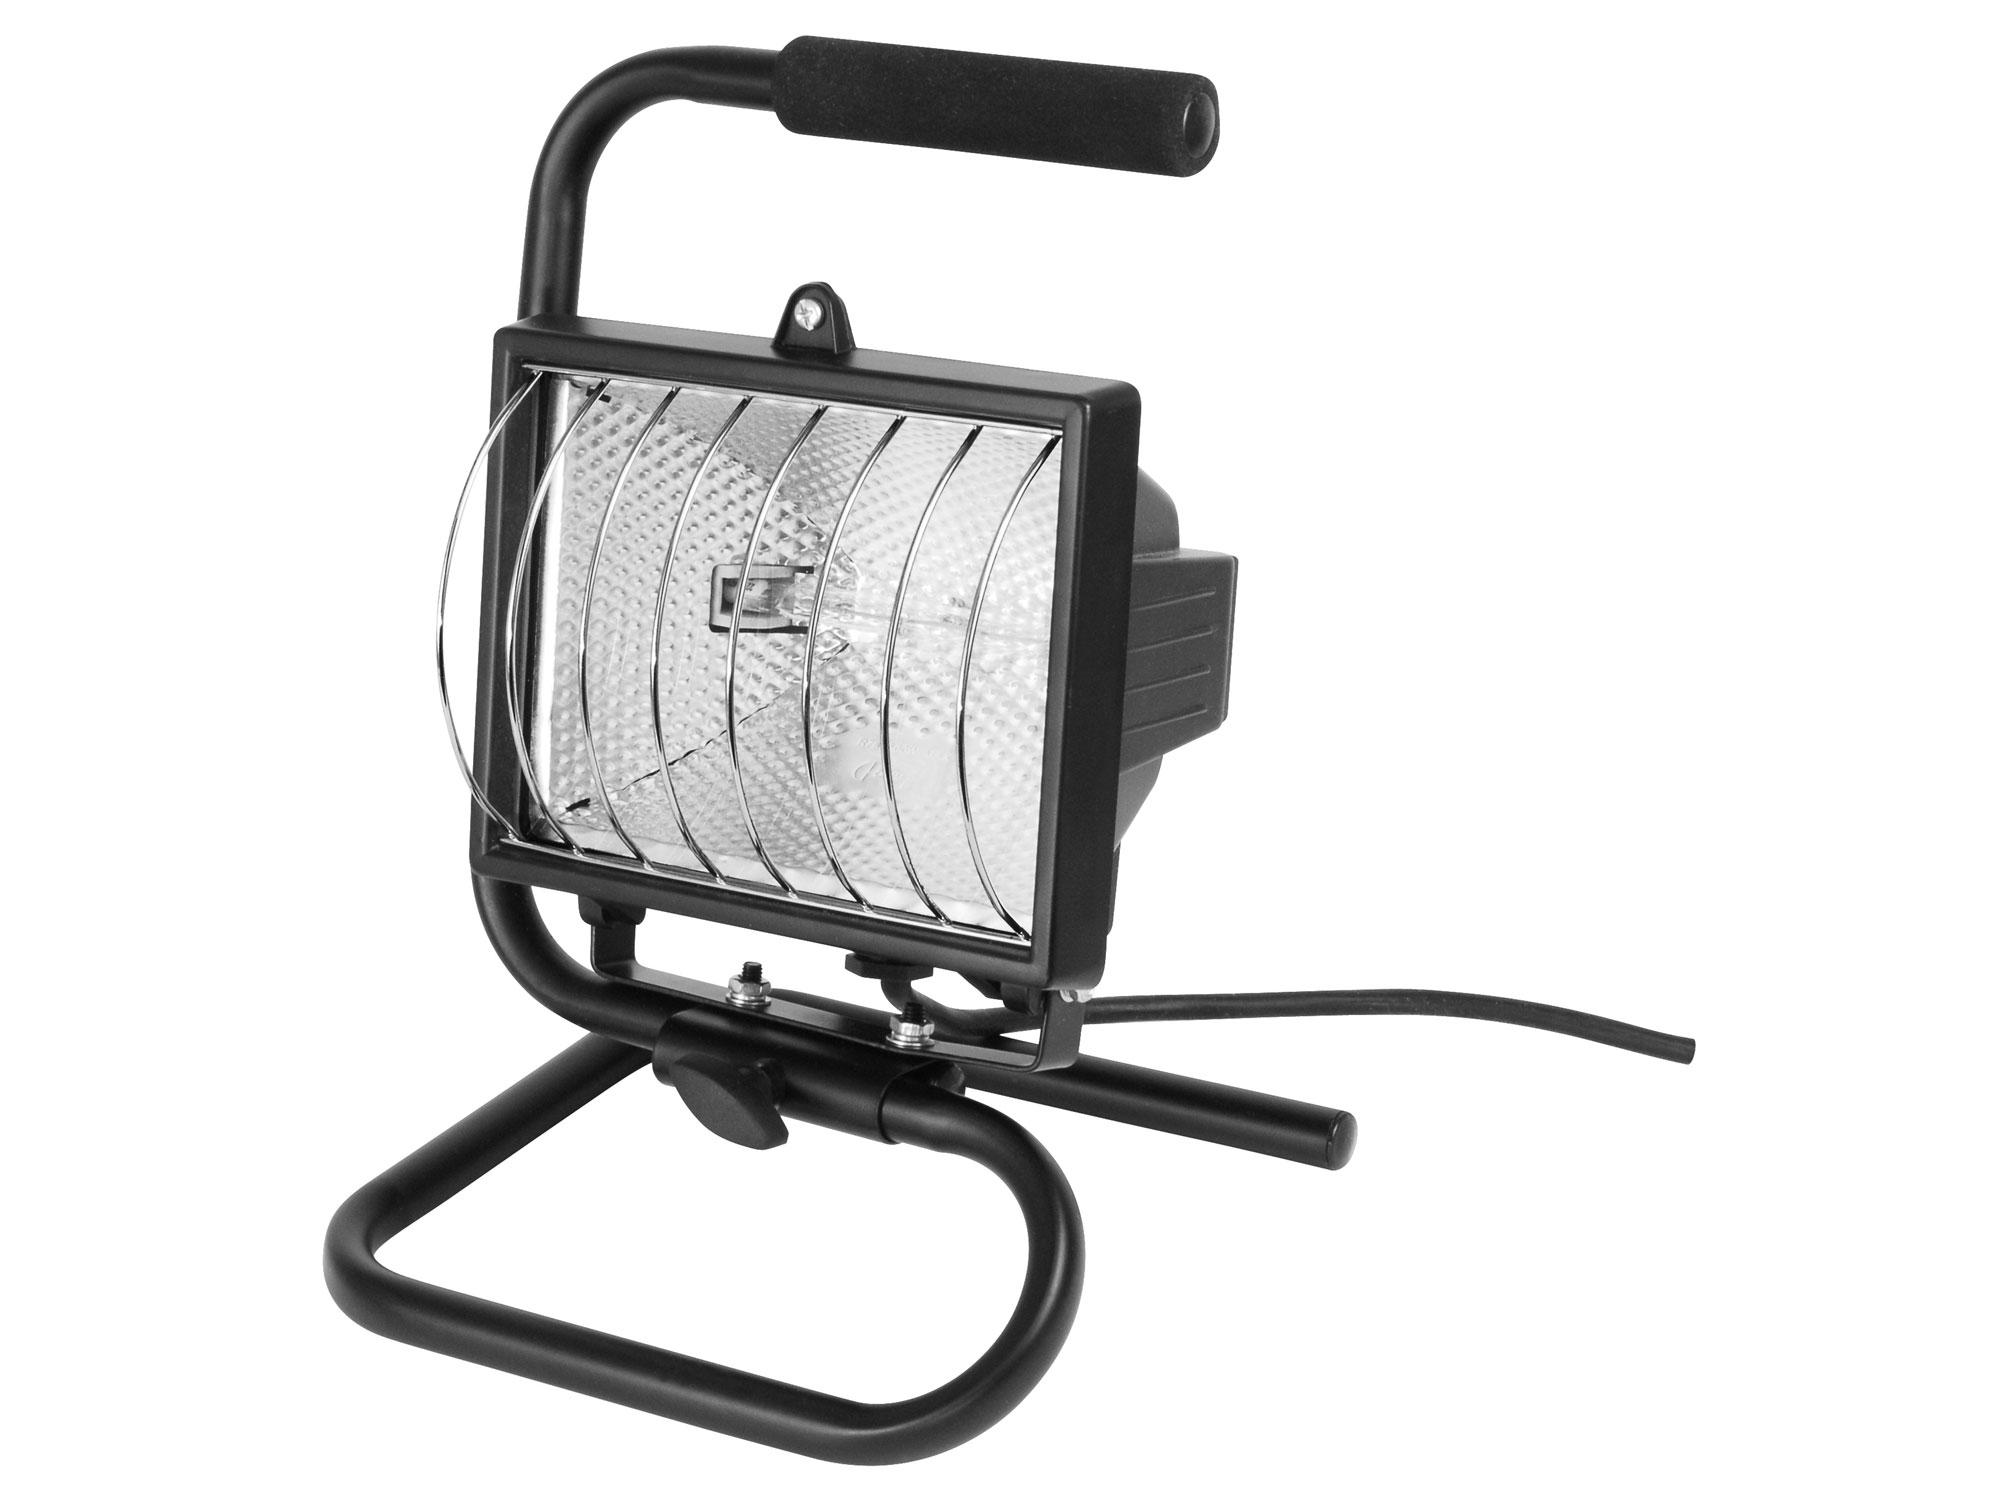 Světlo halogenové přenosné s podstavcem, 400W, svítivost jako 600W EXTOL CRAFT 82789